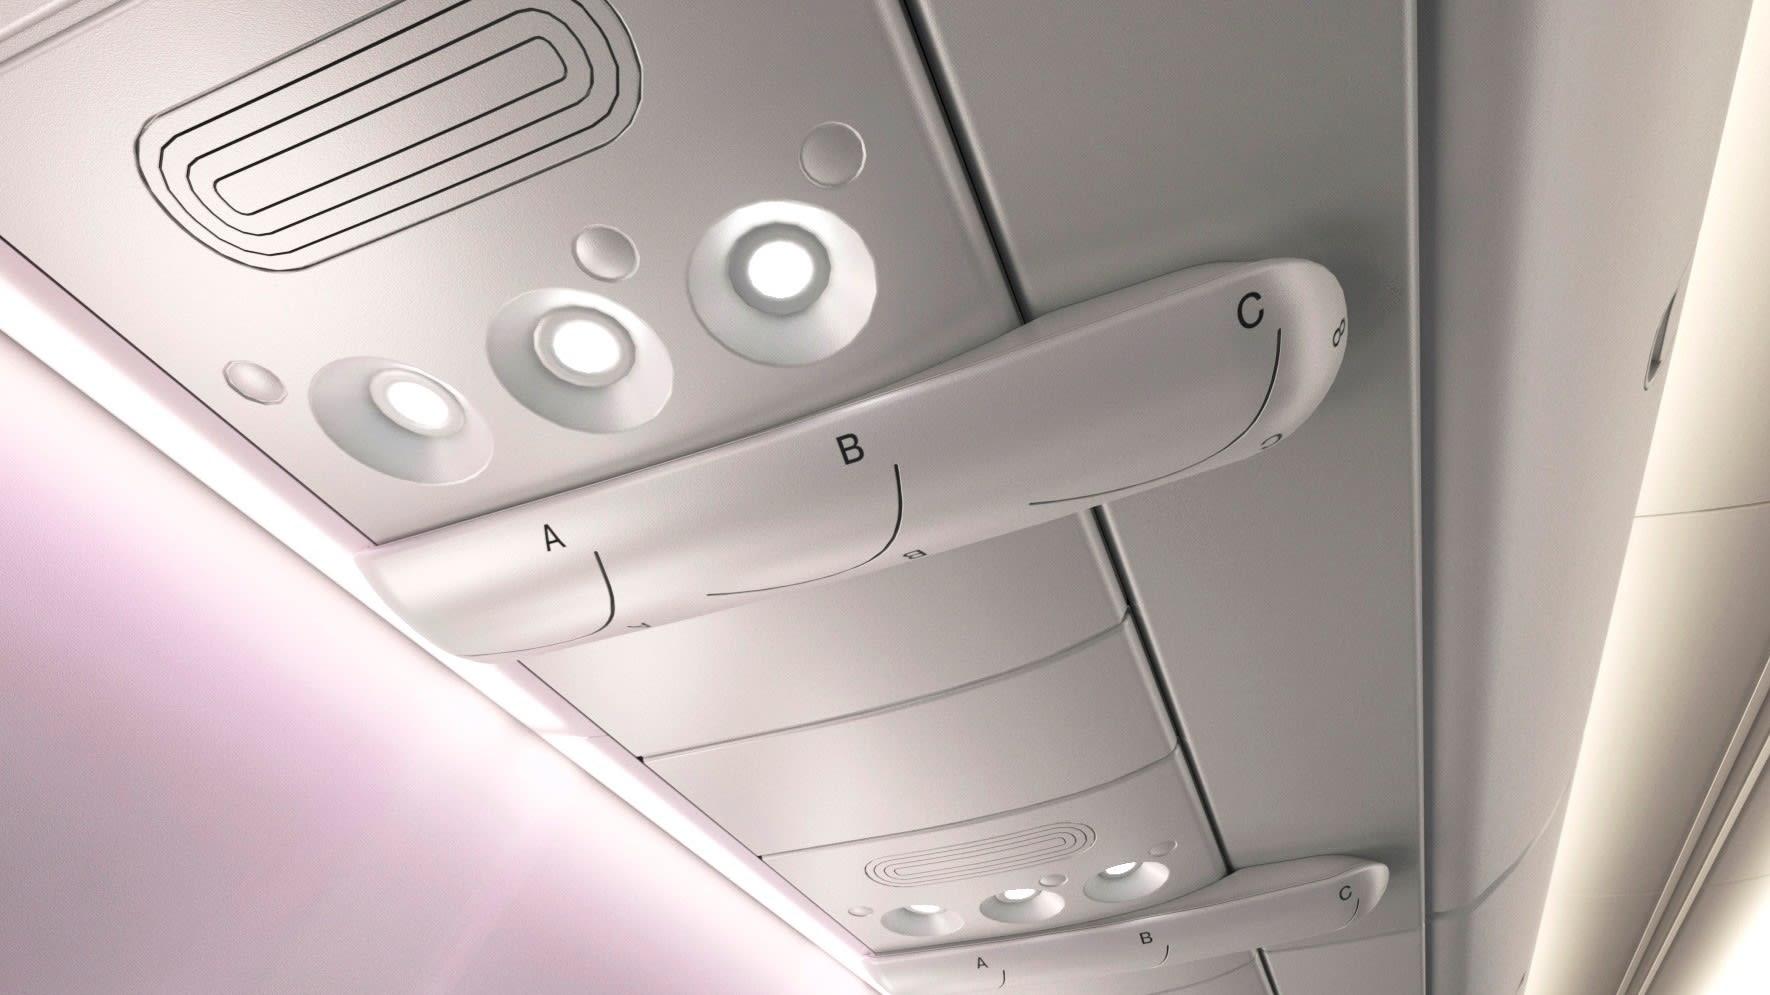 يحميك عن طريق تكوين درع خفي حولك.. هل هذا حل الطائرات بظل فيروس كورونا؟